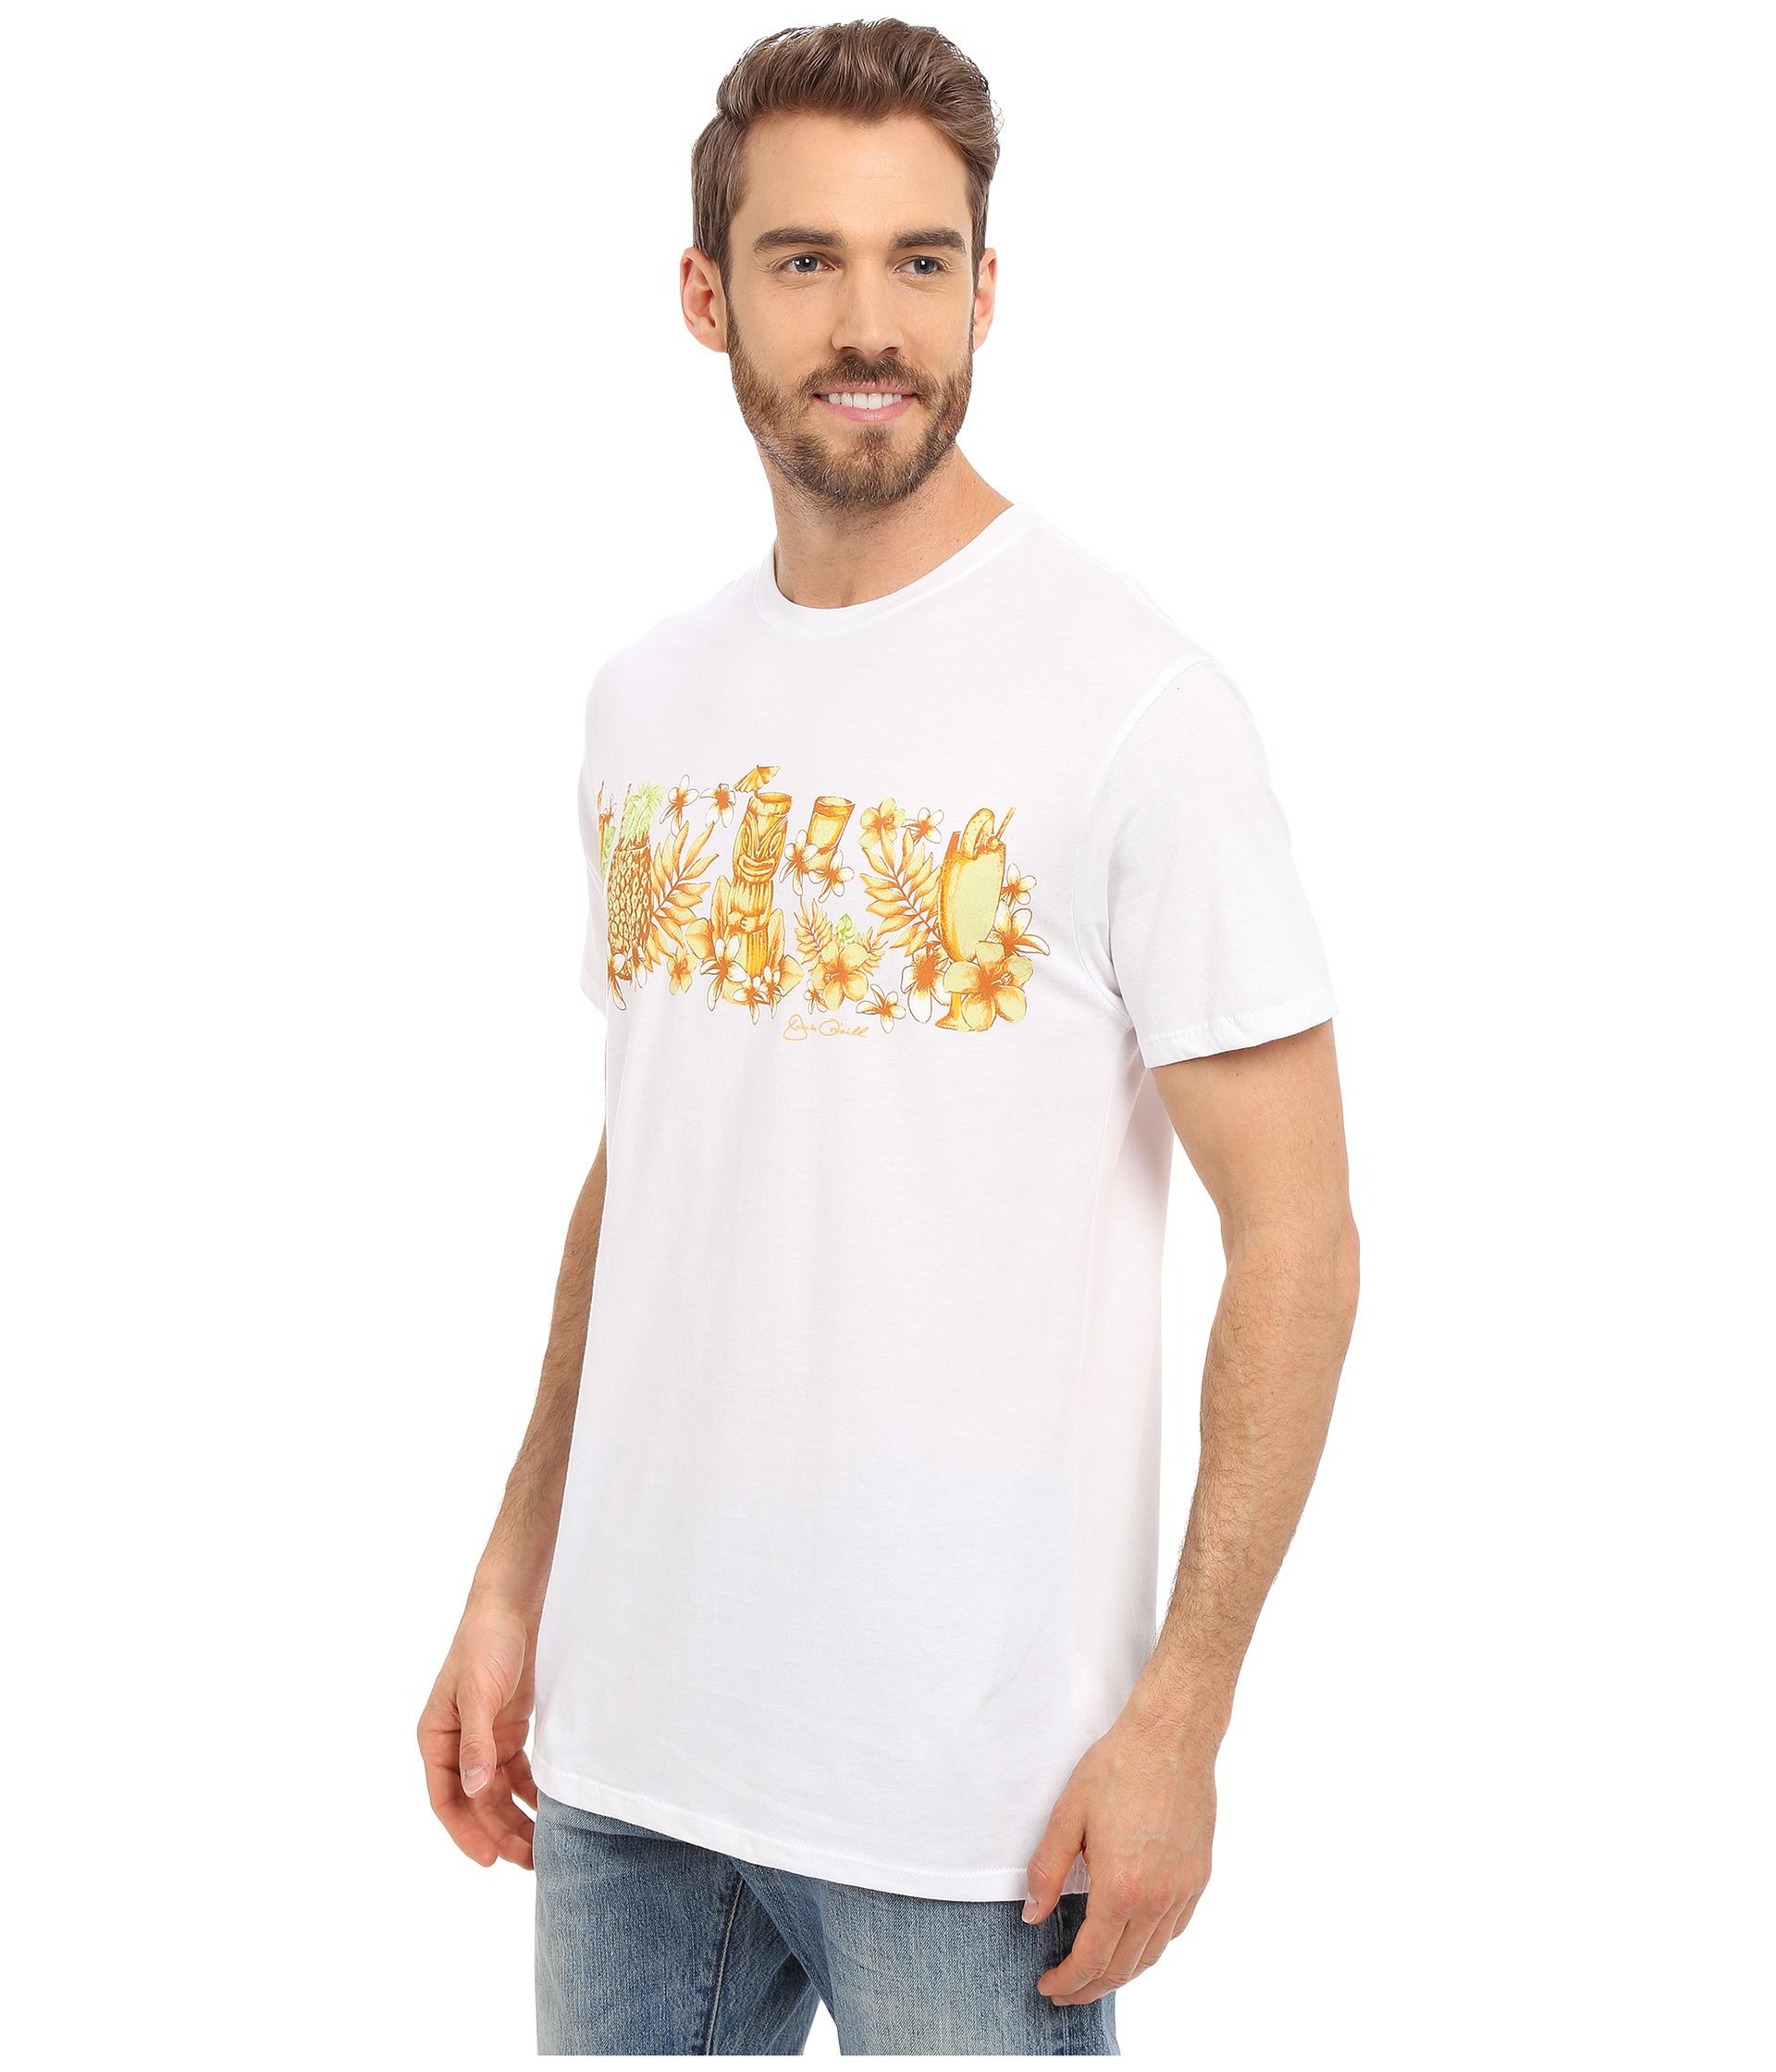 Mixology Clothing Stores